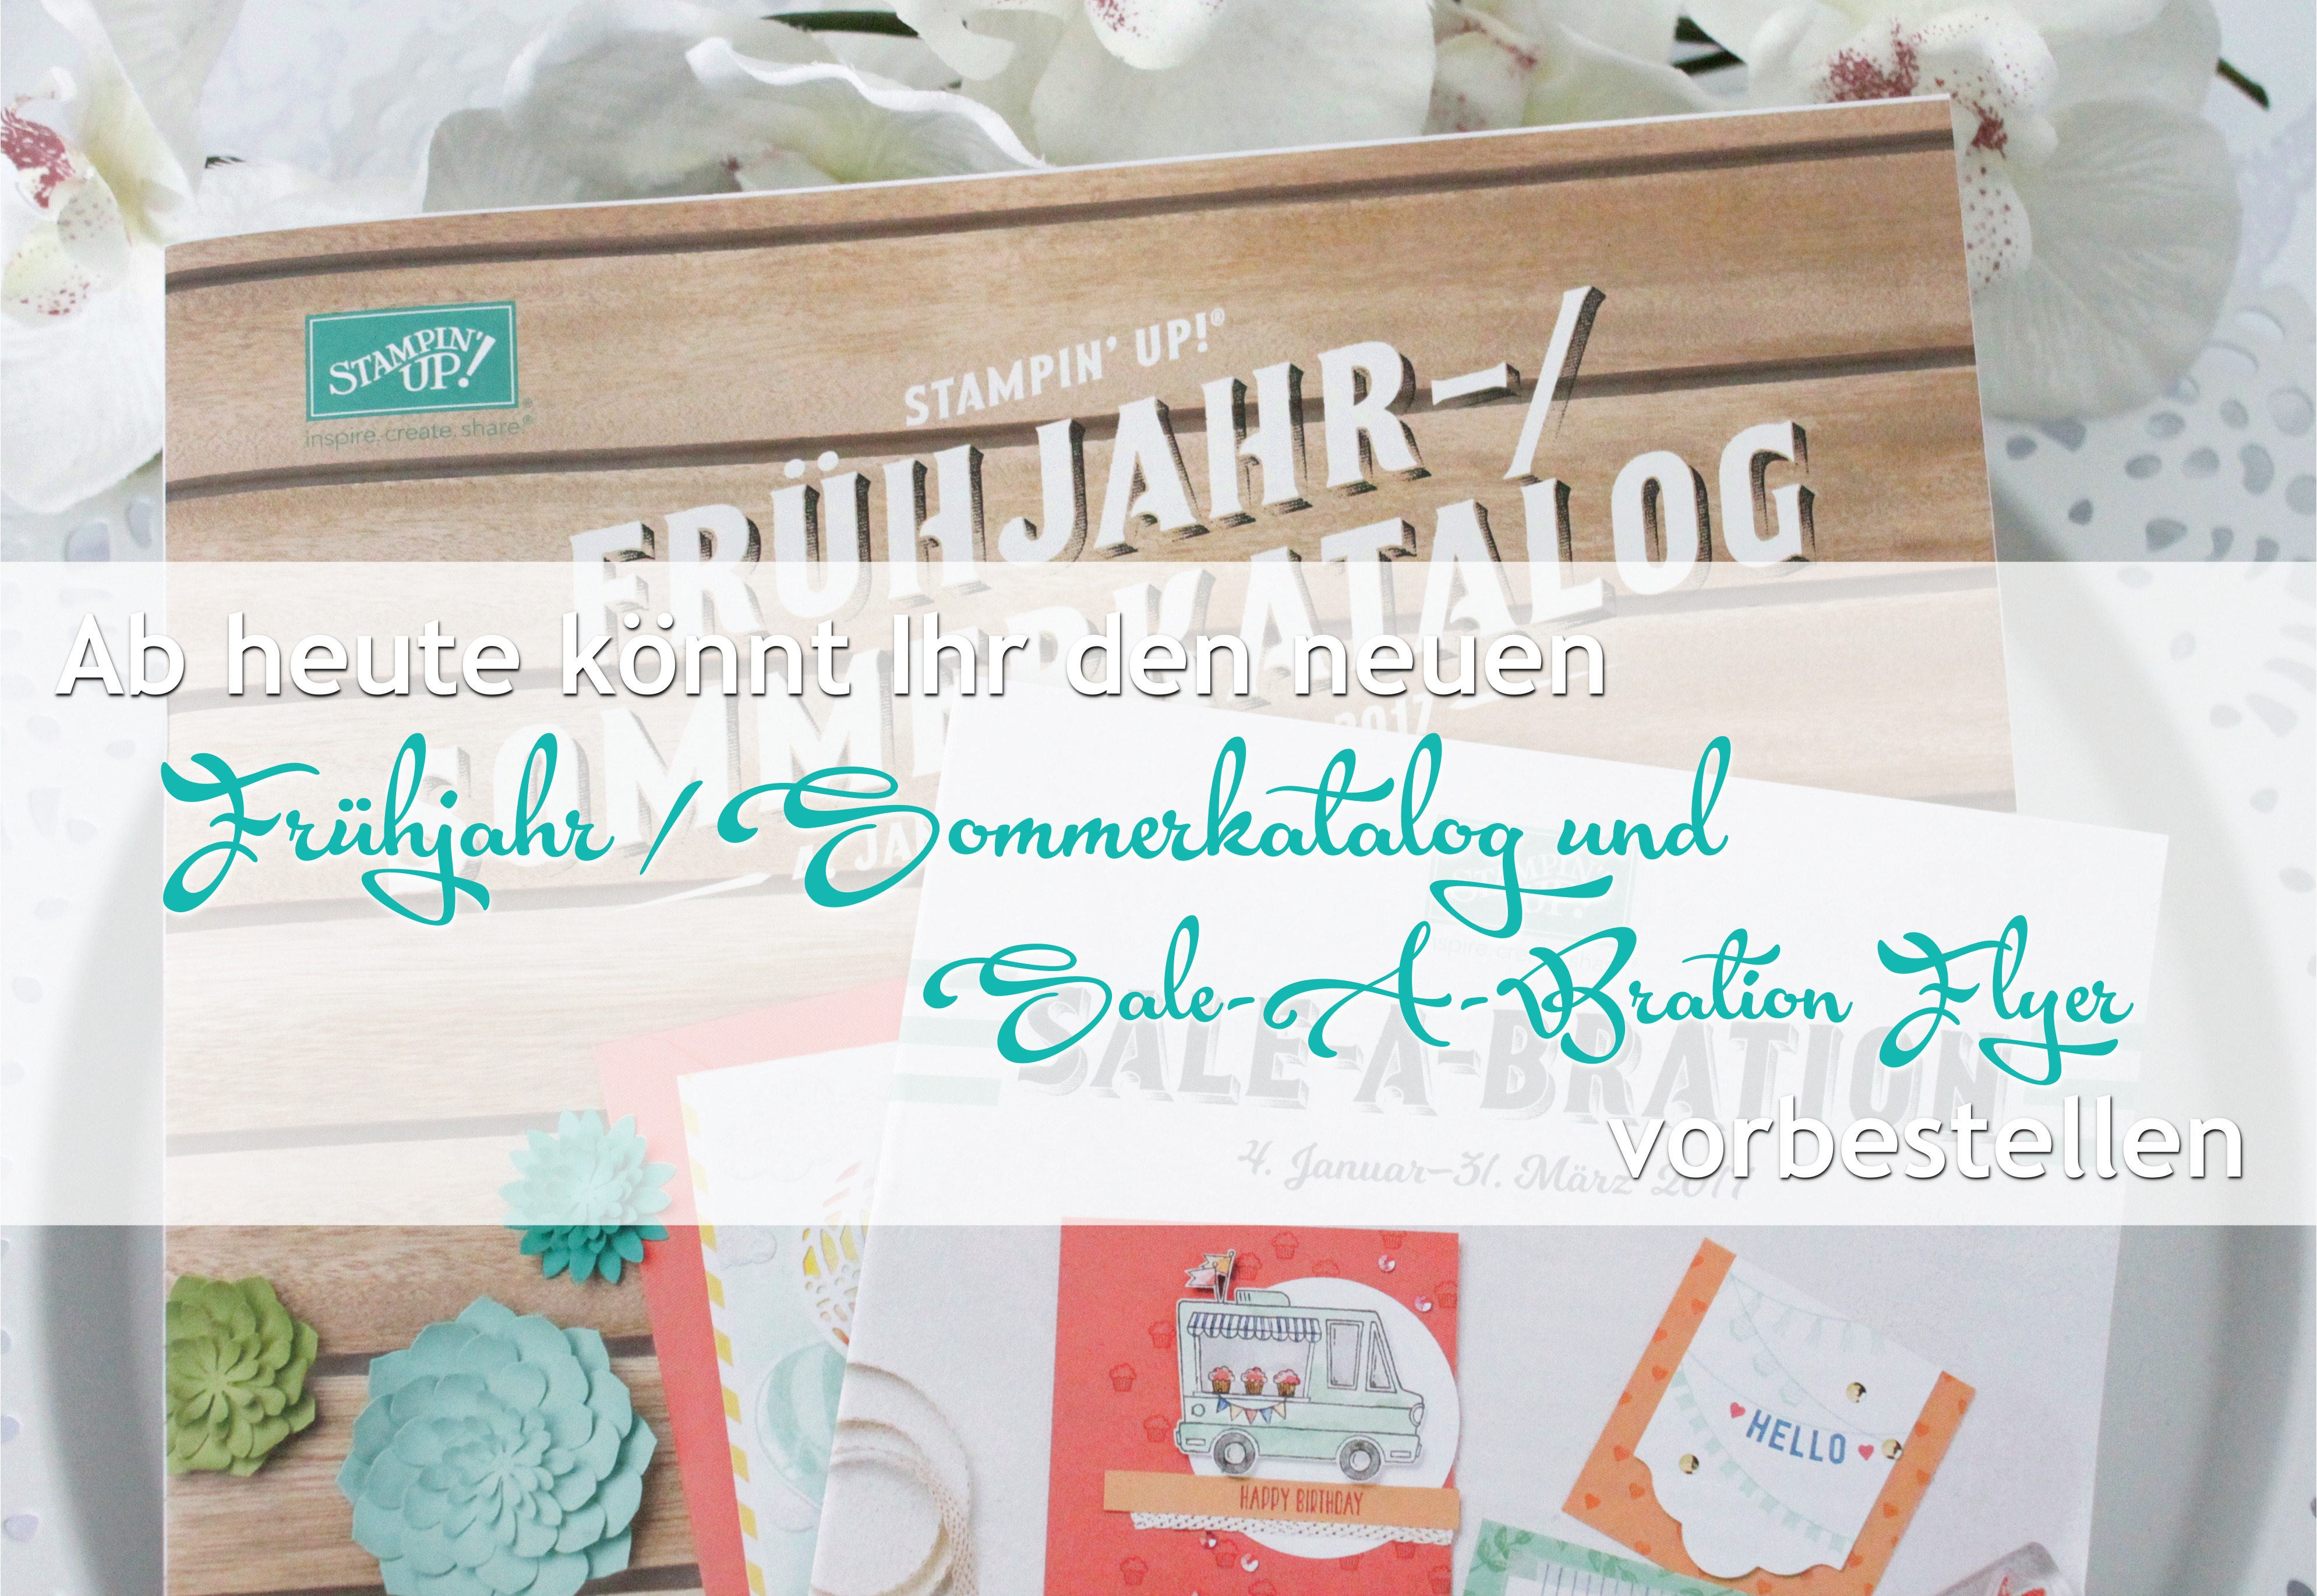 Stampin' Up! Frühjahr / Sommerkatalog und SAB Flyer 2017 kostenlos vorbestellen